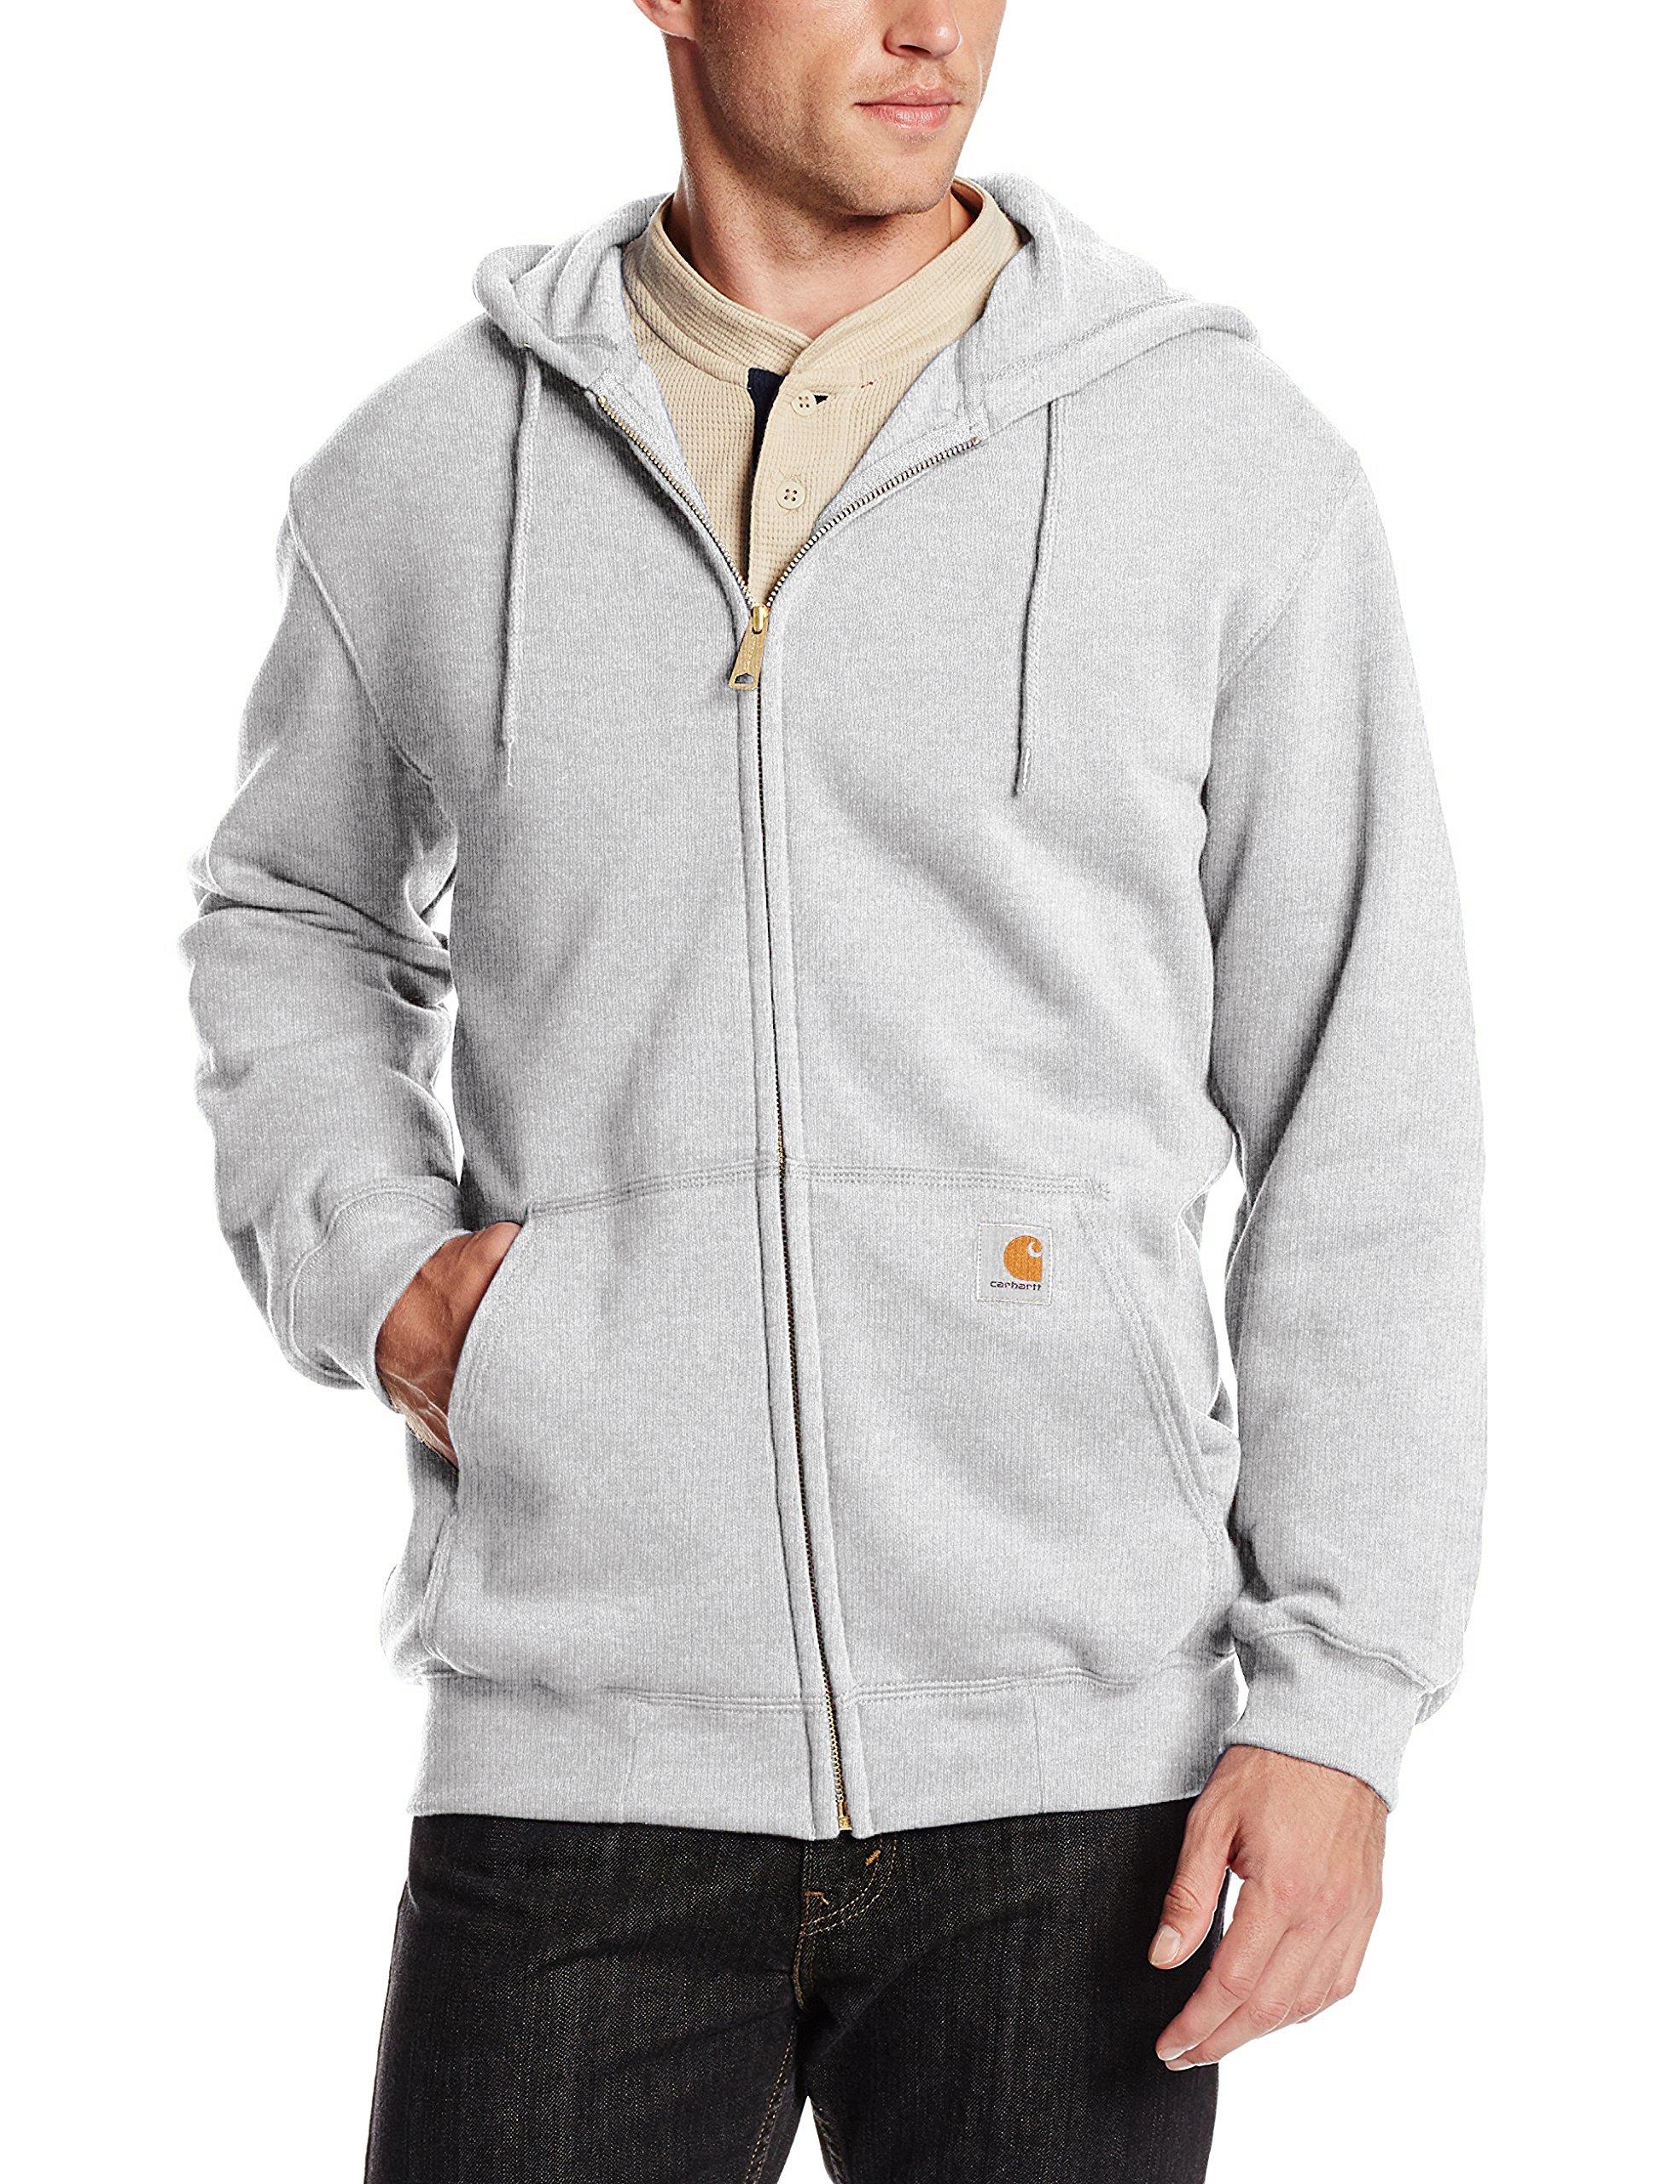 Carhartt Men's Midweight Sweatshirt Hooded Zip Front Original Fit K122,Heather Grey,Medium